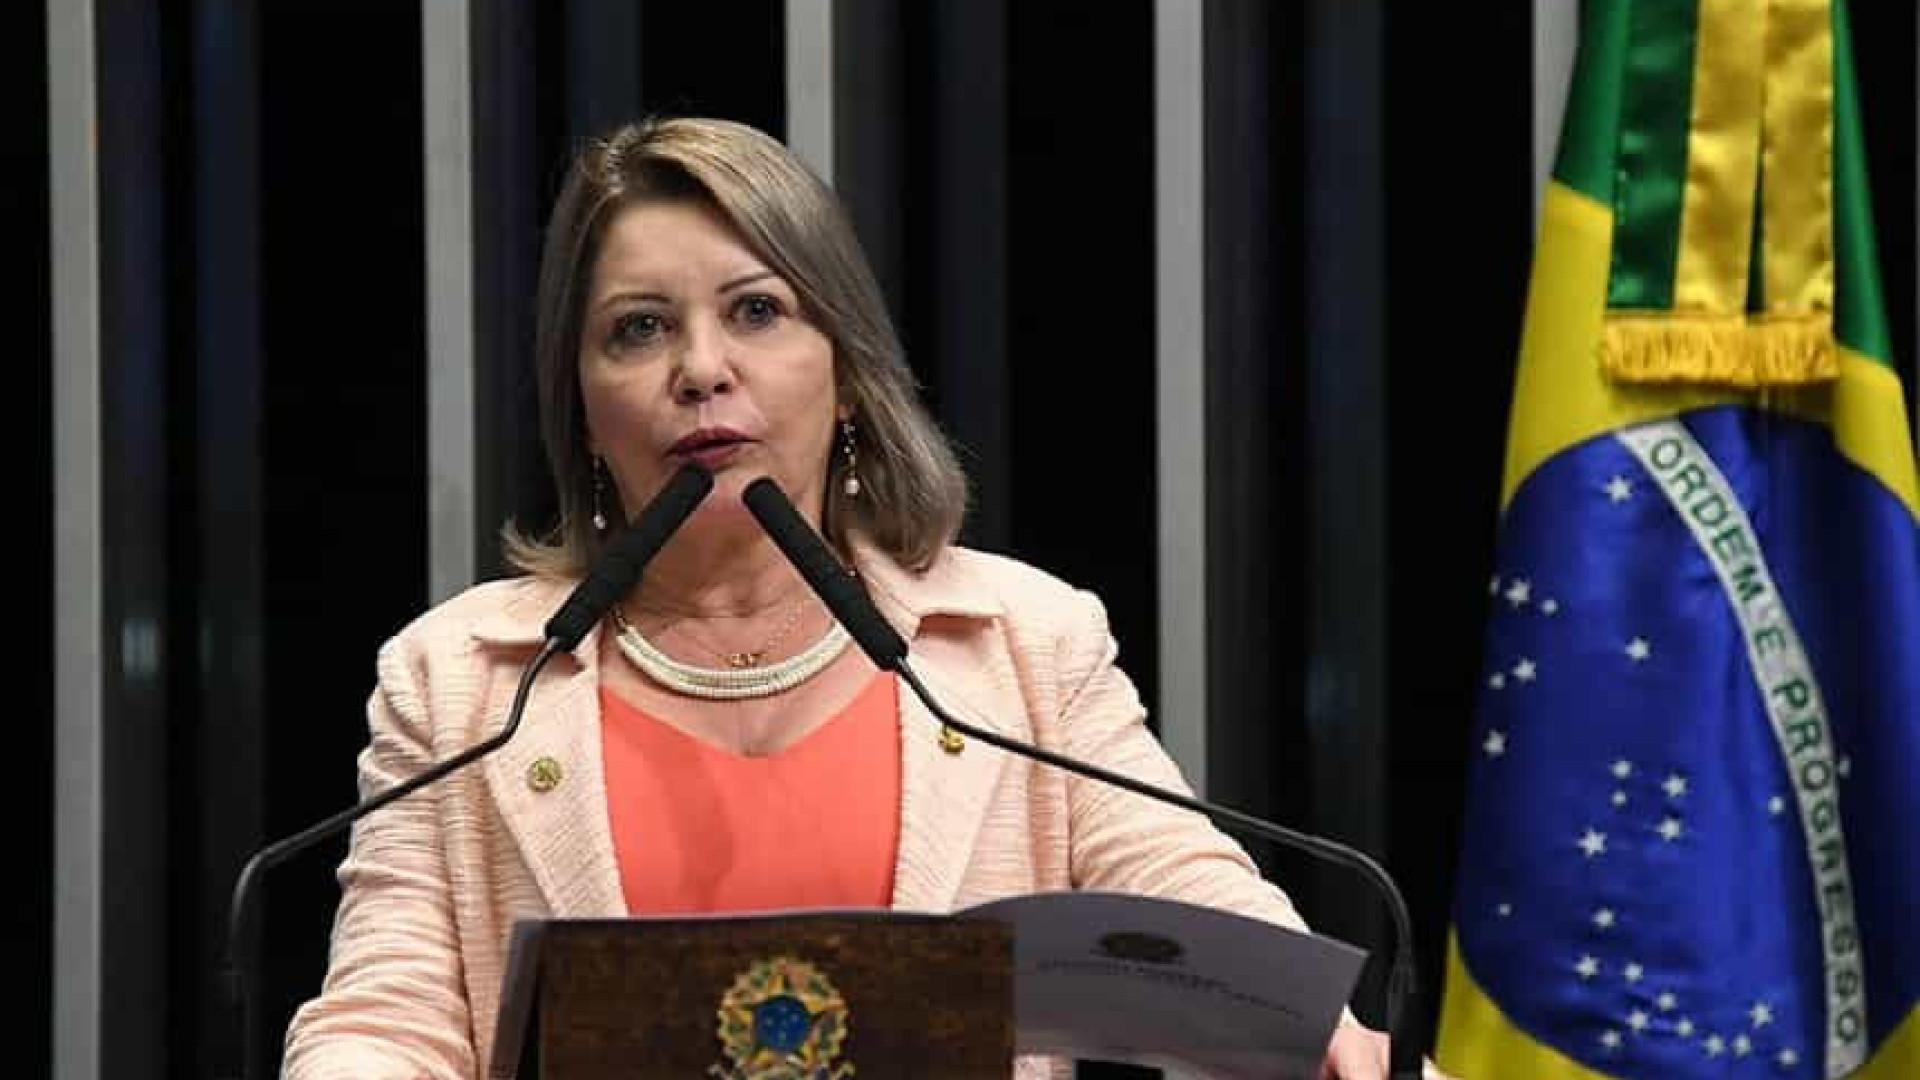 'Jamais trataria mal', diz Flávio Bolsonaro sobre senadora